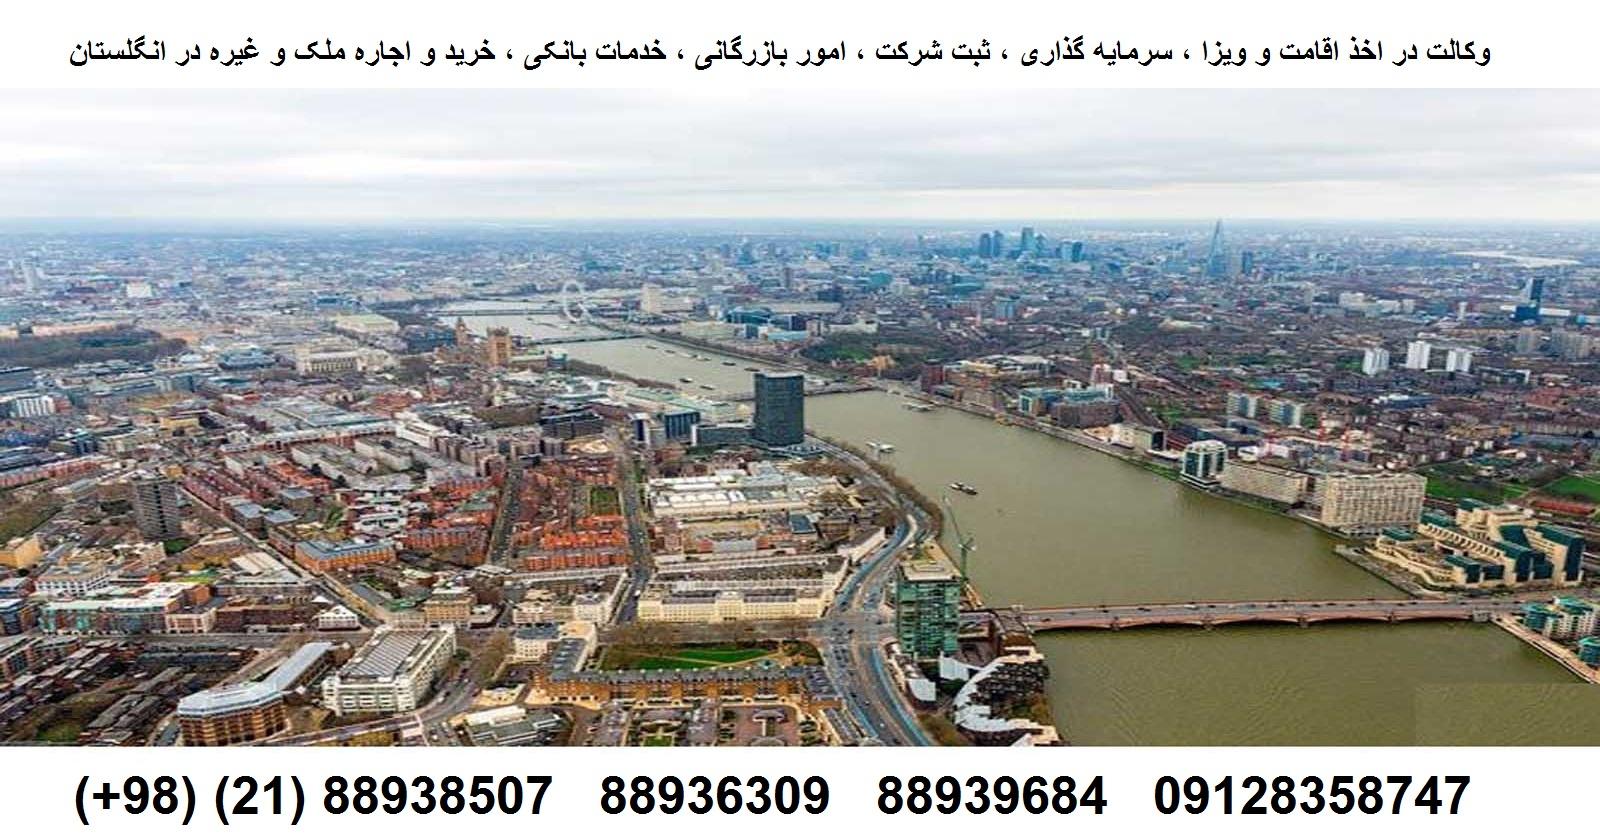 مهاجرت به کشور انگلستان (6)